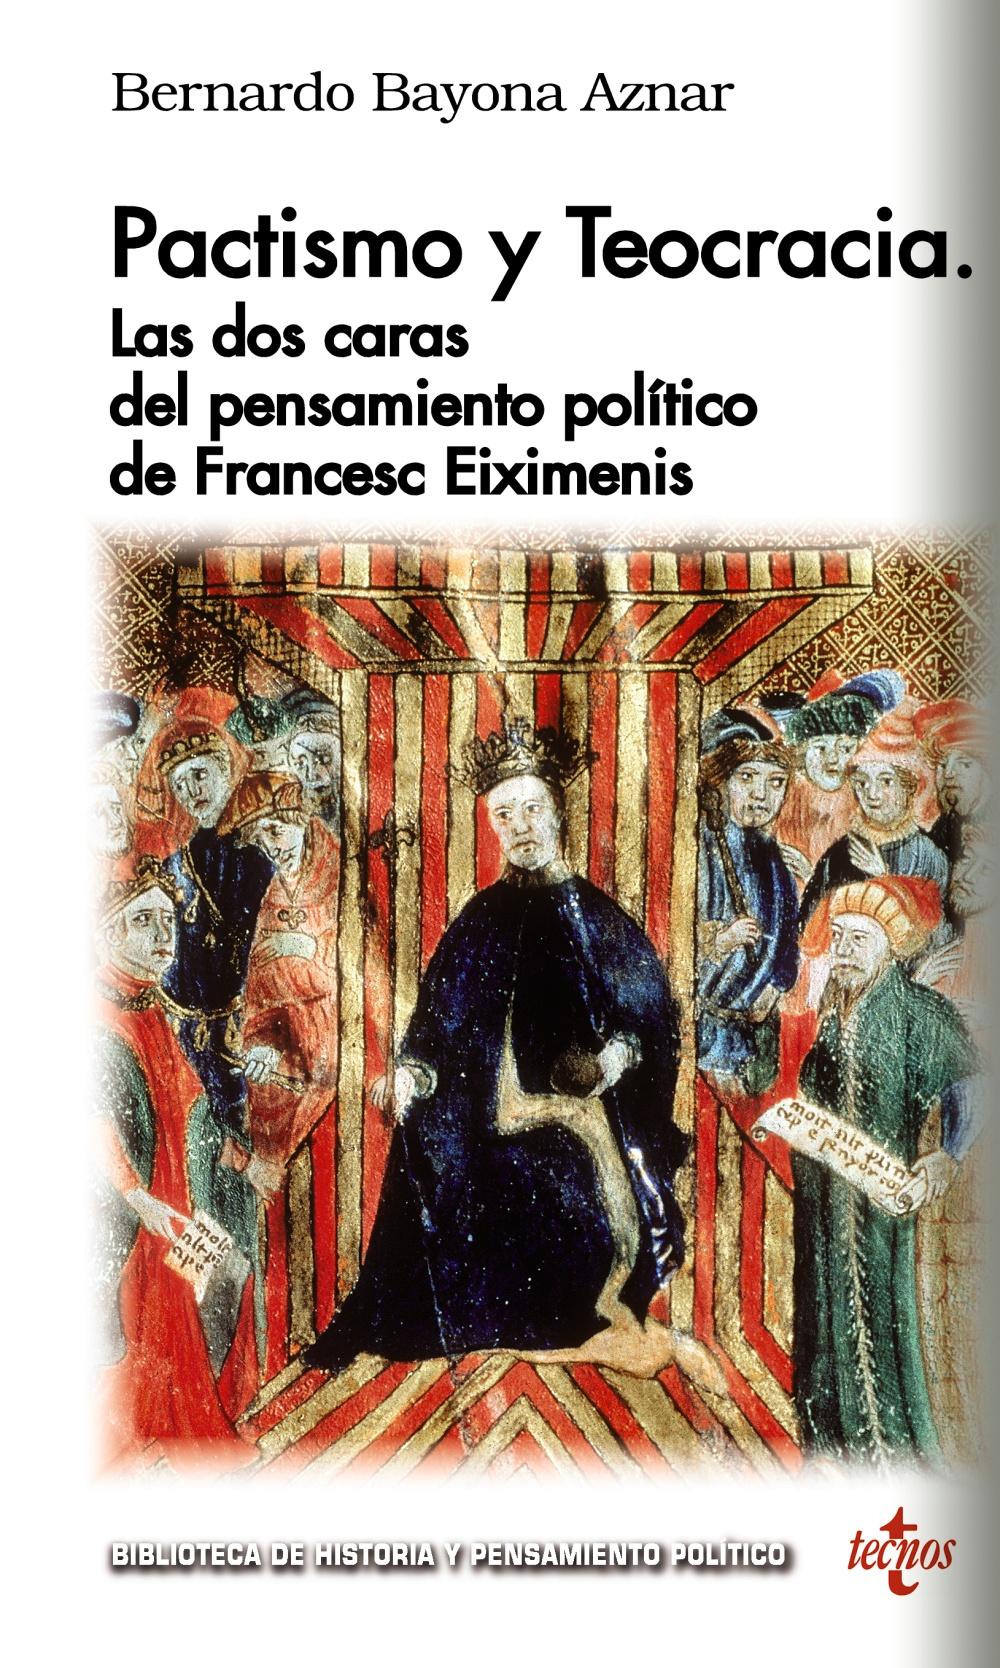 Pactismo y teocracia: las dos caras del Pensamiento Político de Françesc Eiximenis